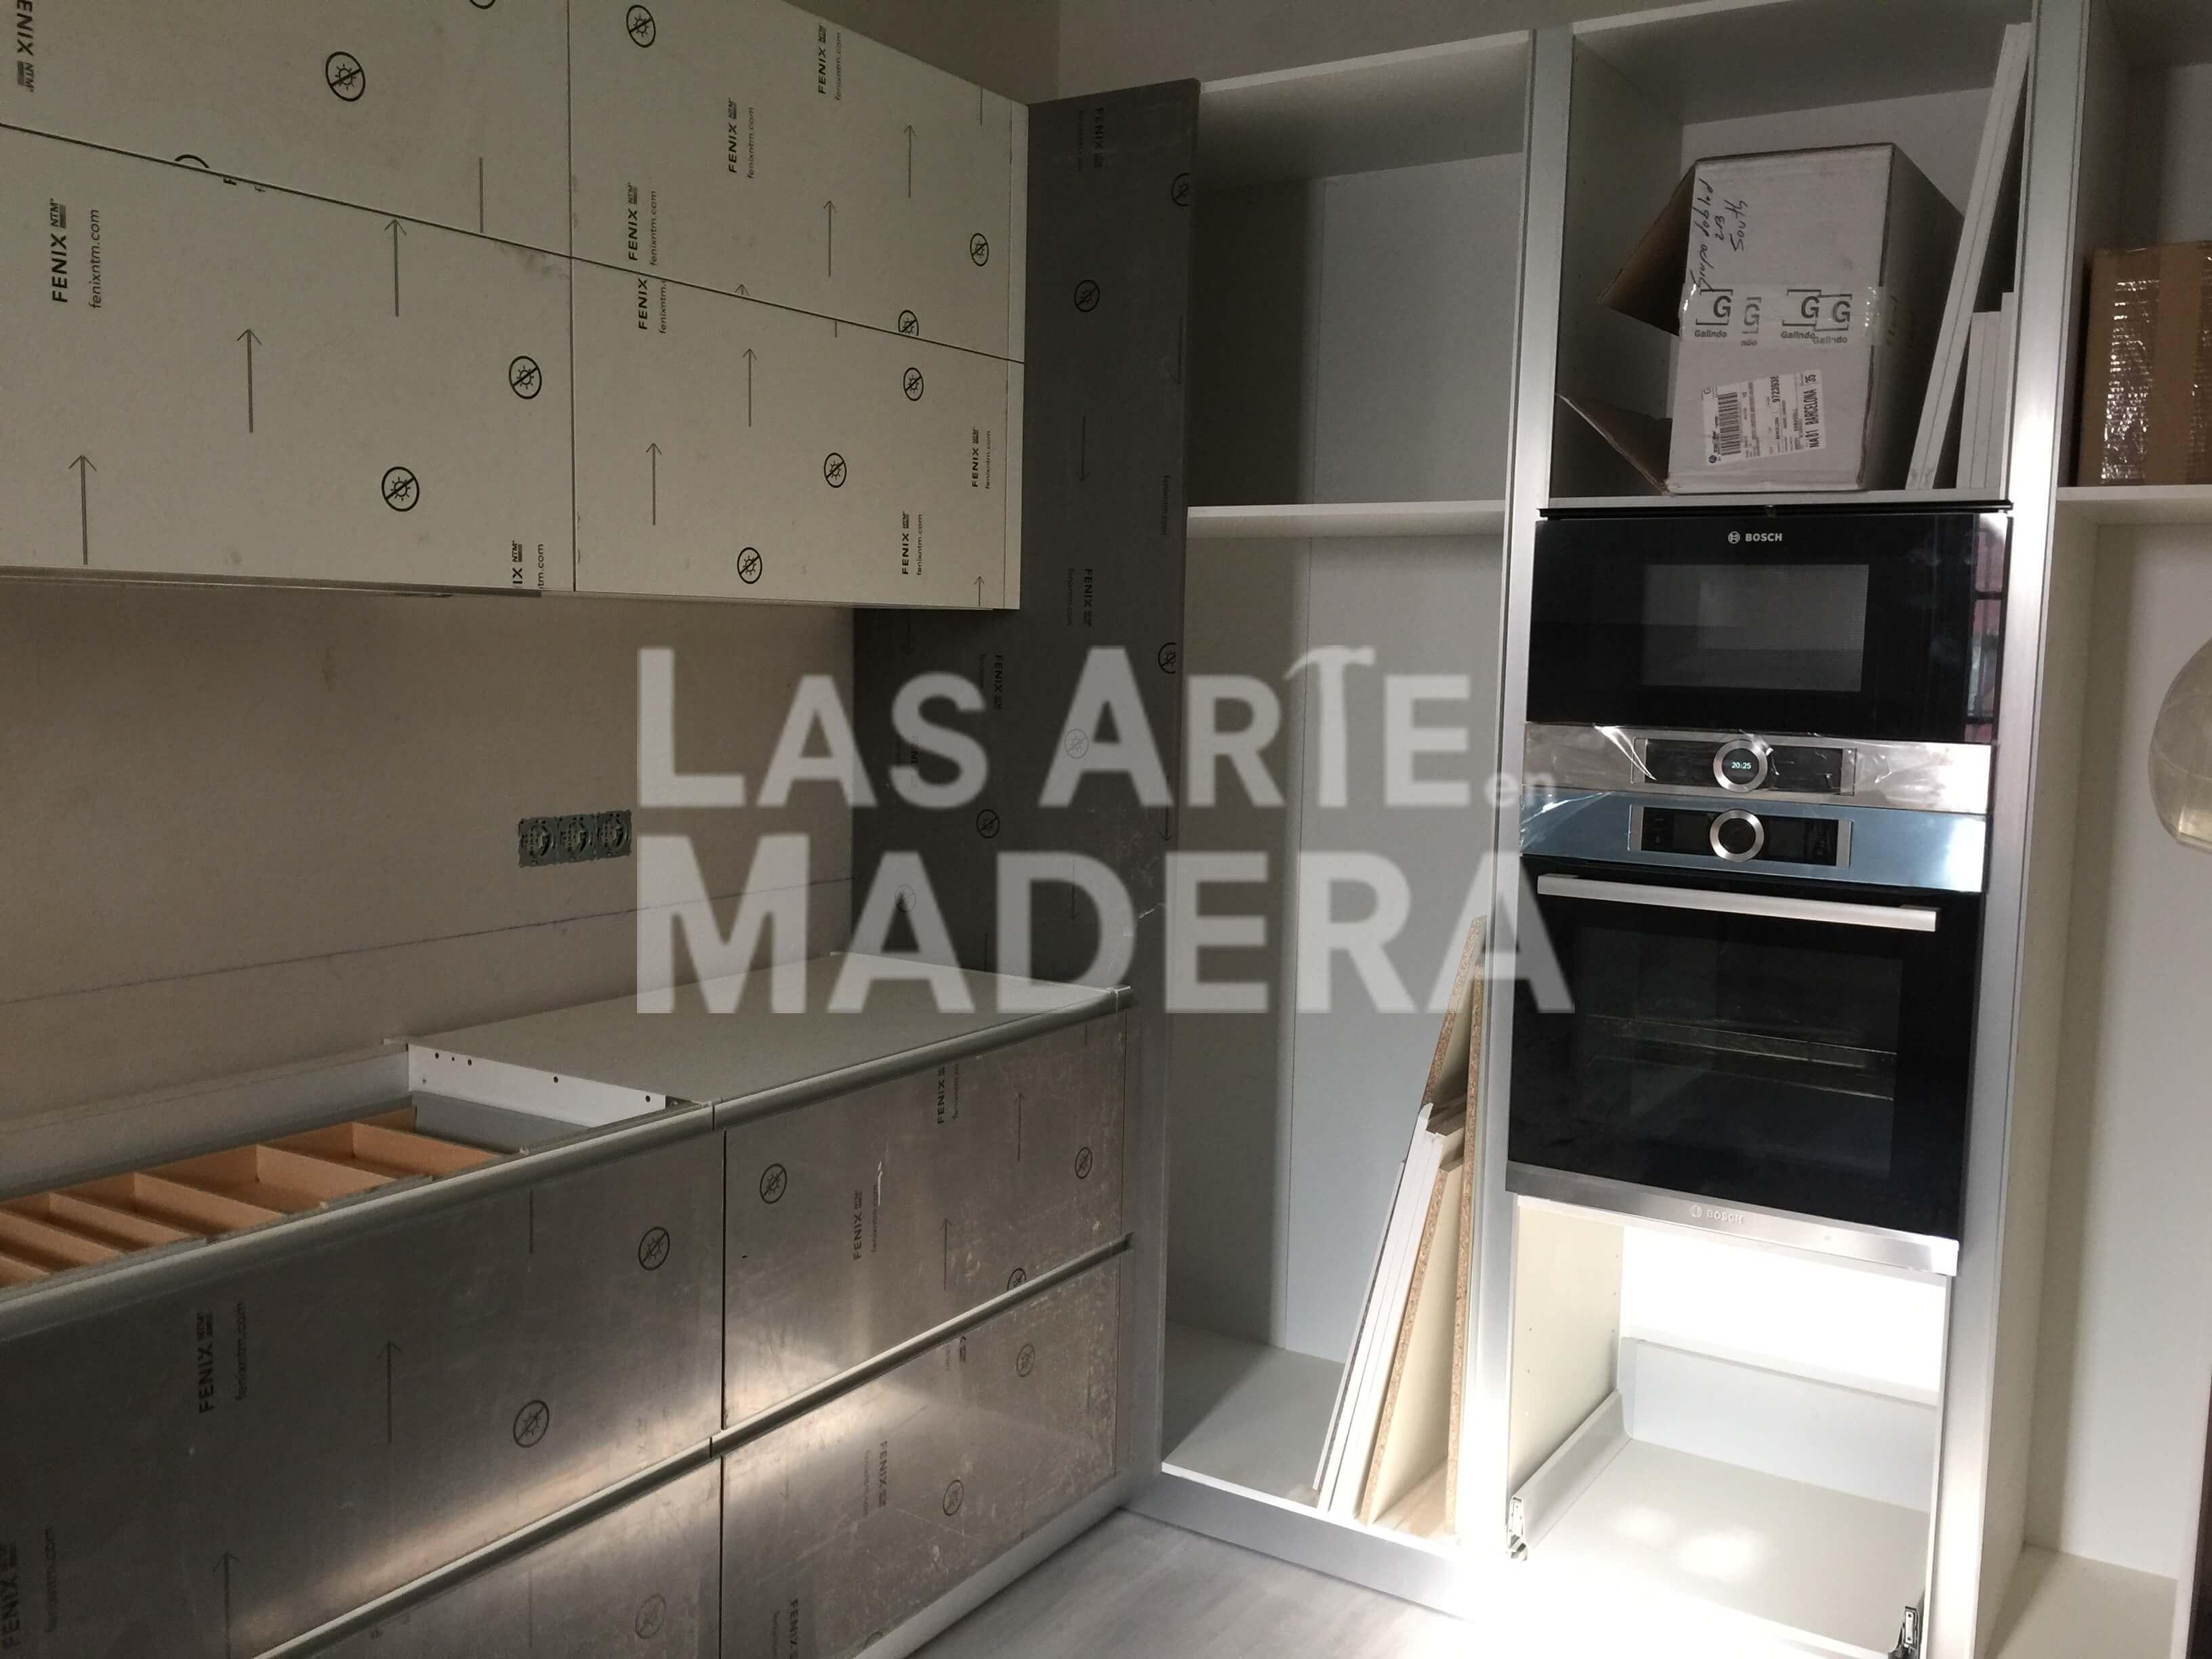 Muebles De Cocina De Madera Elegantes Y Modernos # Muebles De Cocina De Madera